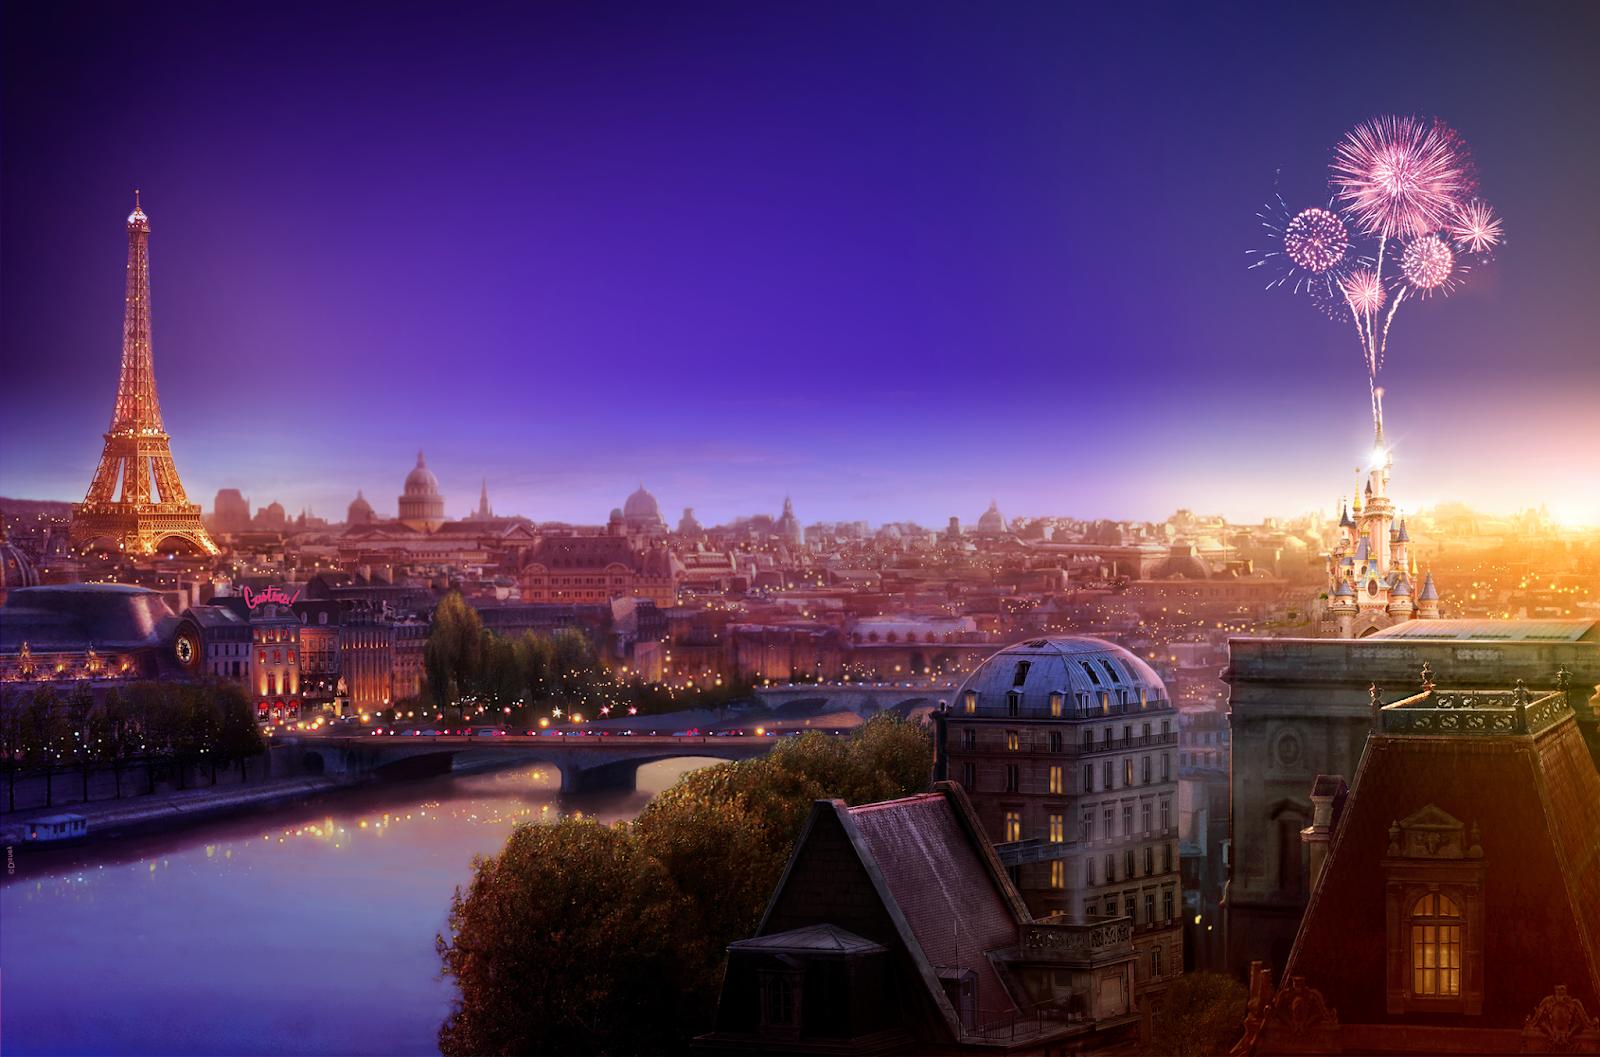 I nuovi pacchetti soggiorno in edizione limitata di Disneyland Paris ...